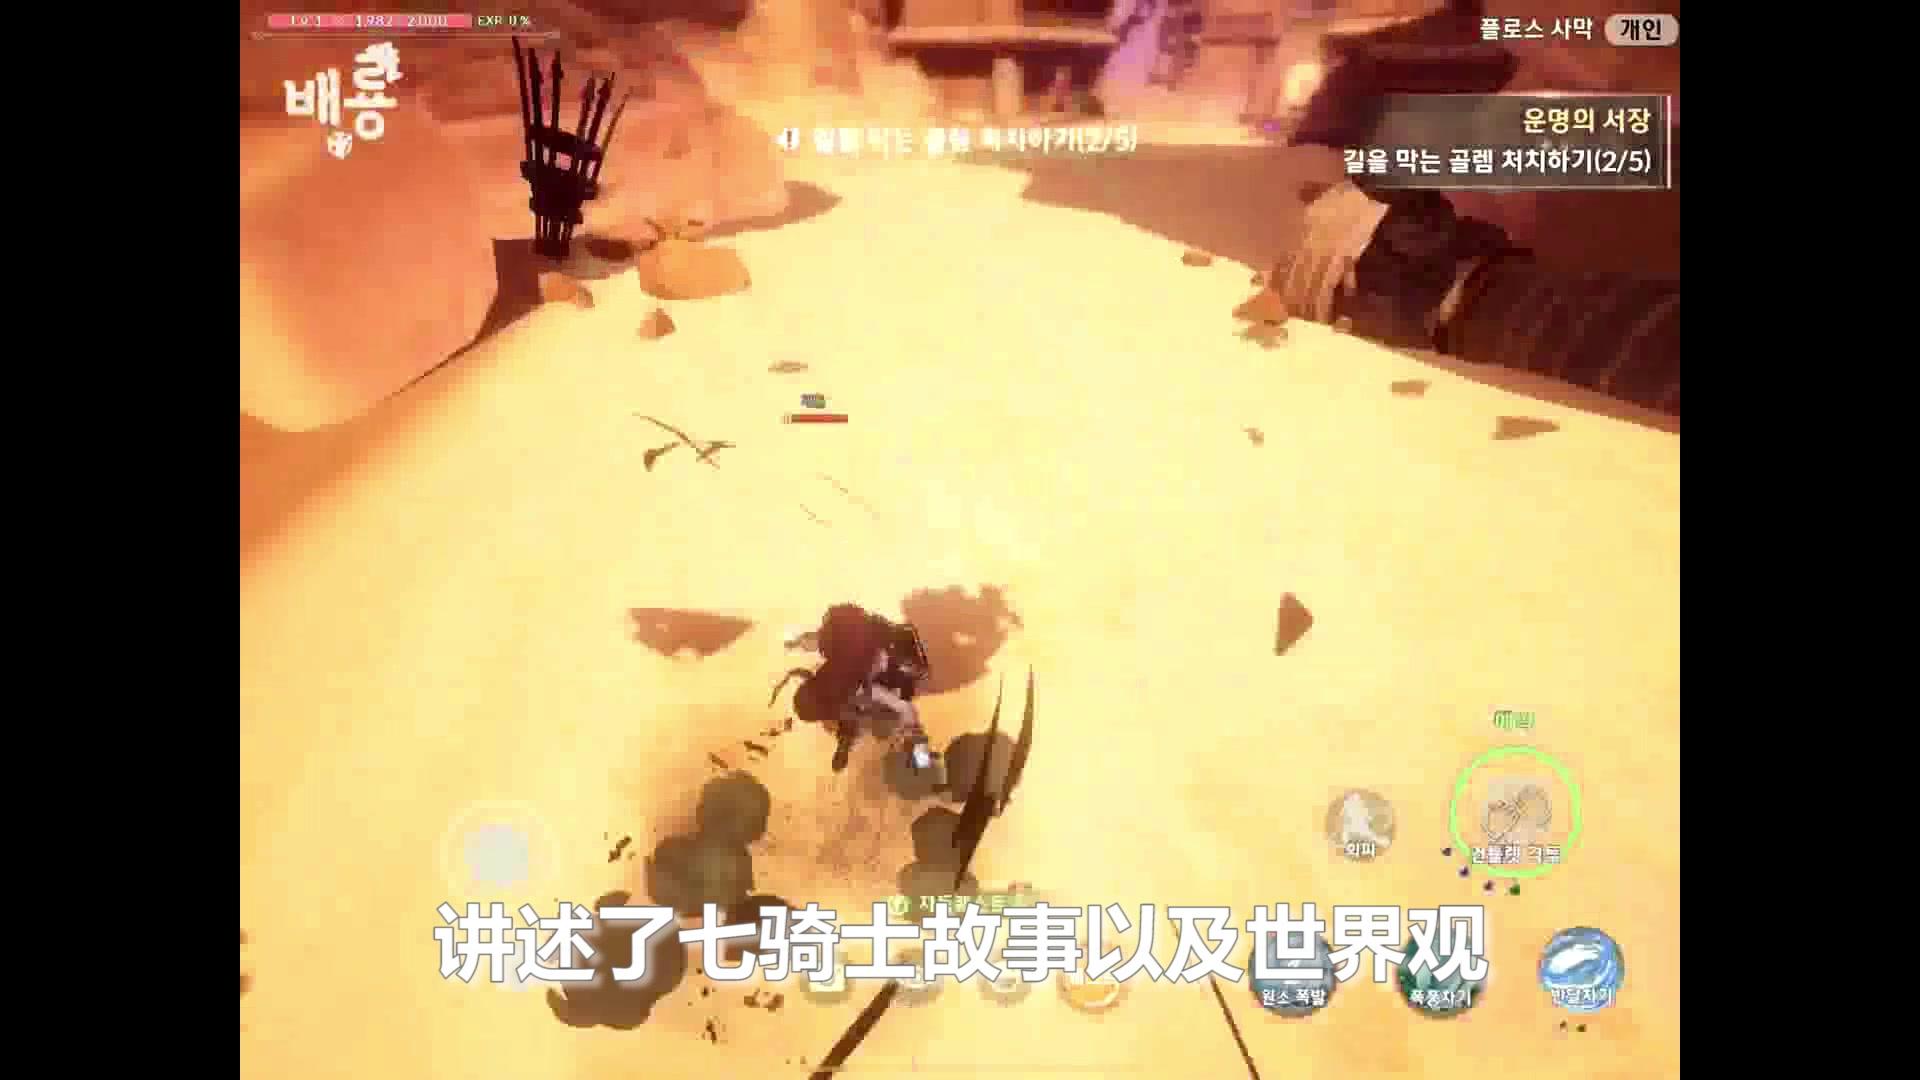 《七骑士:革命》试玩视频-17173新游秒懂